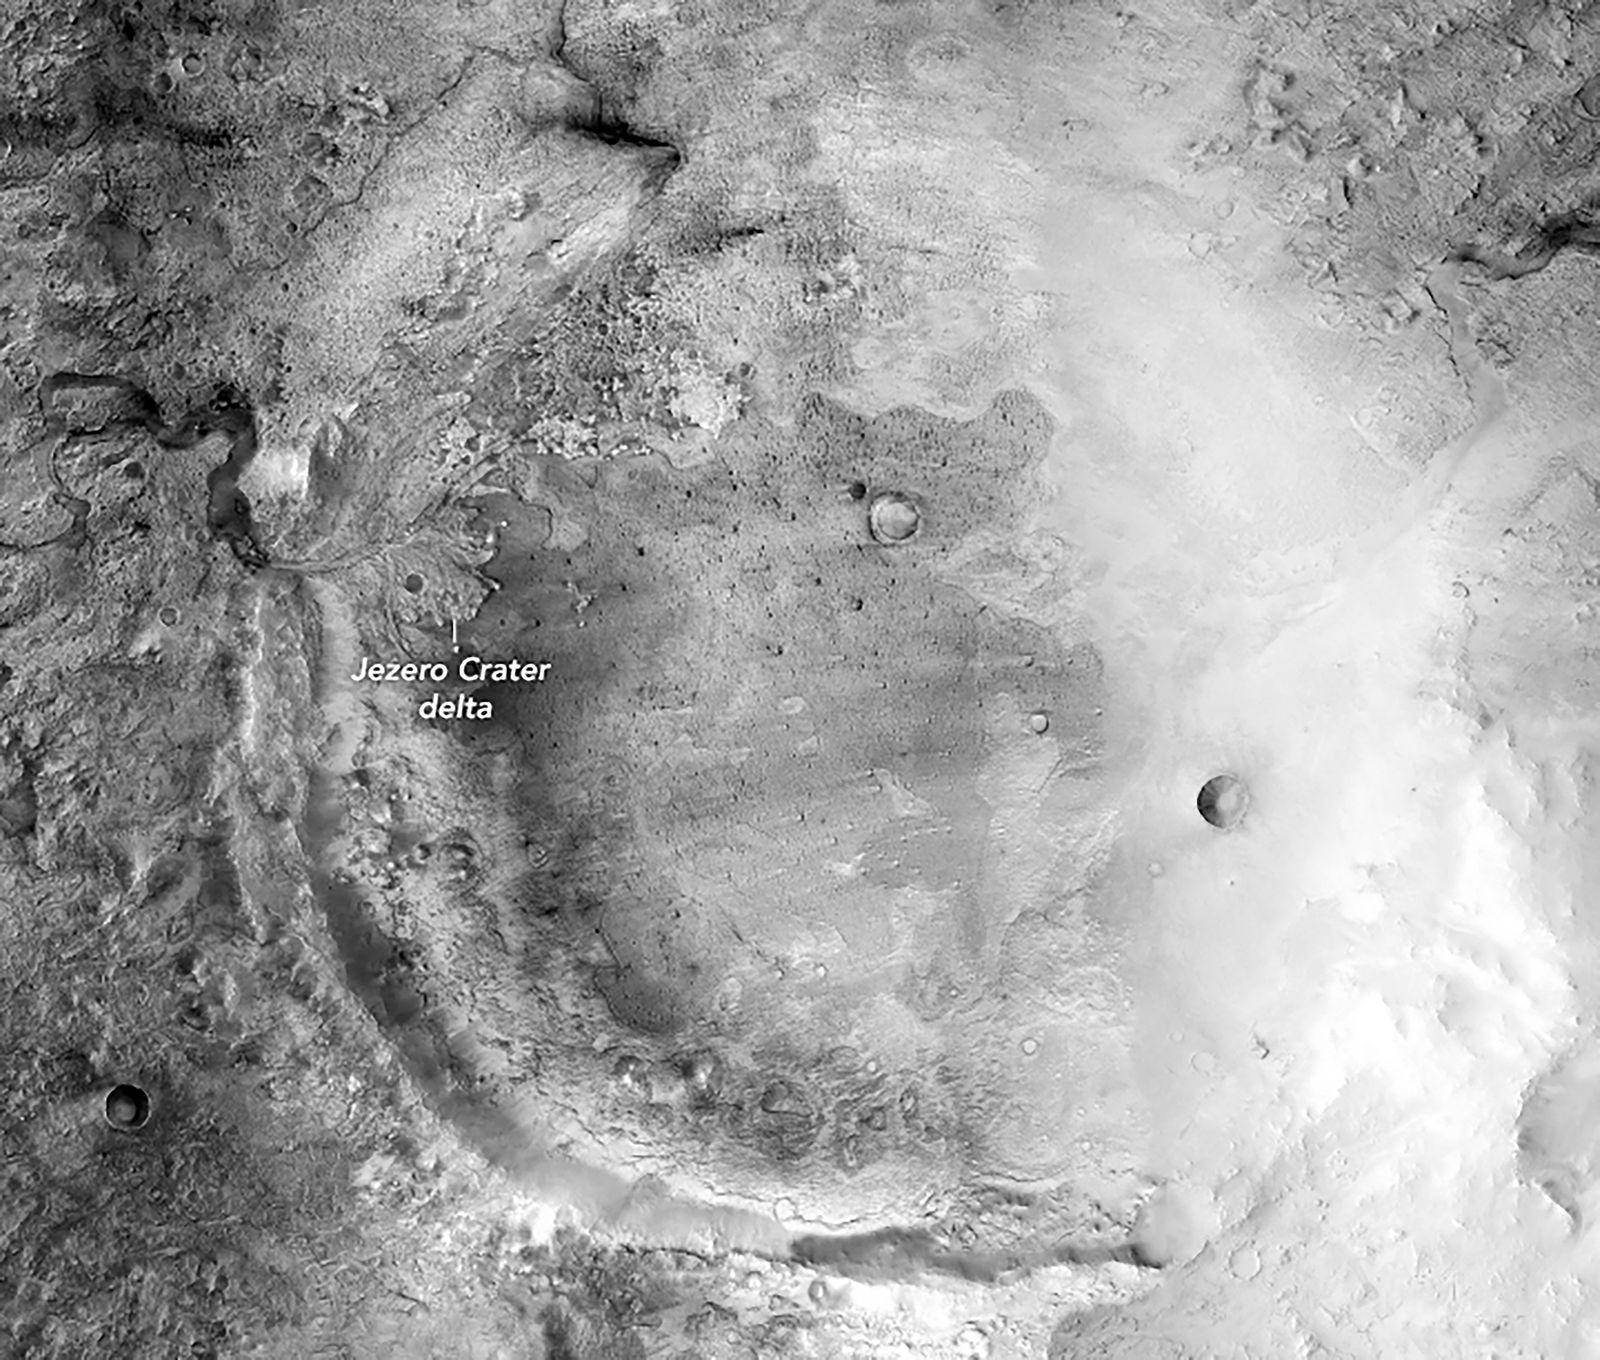 Jezero Crater image on Mars 2017